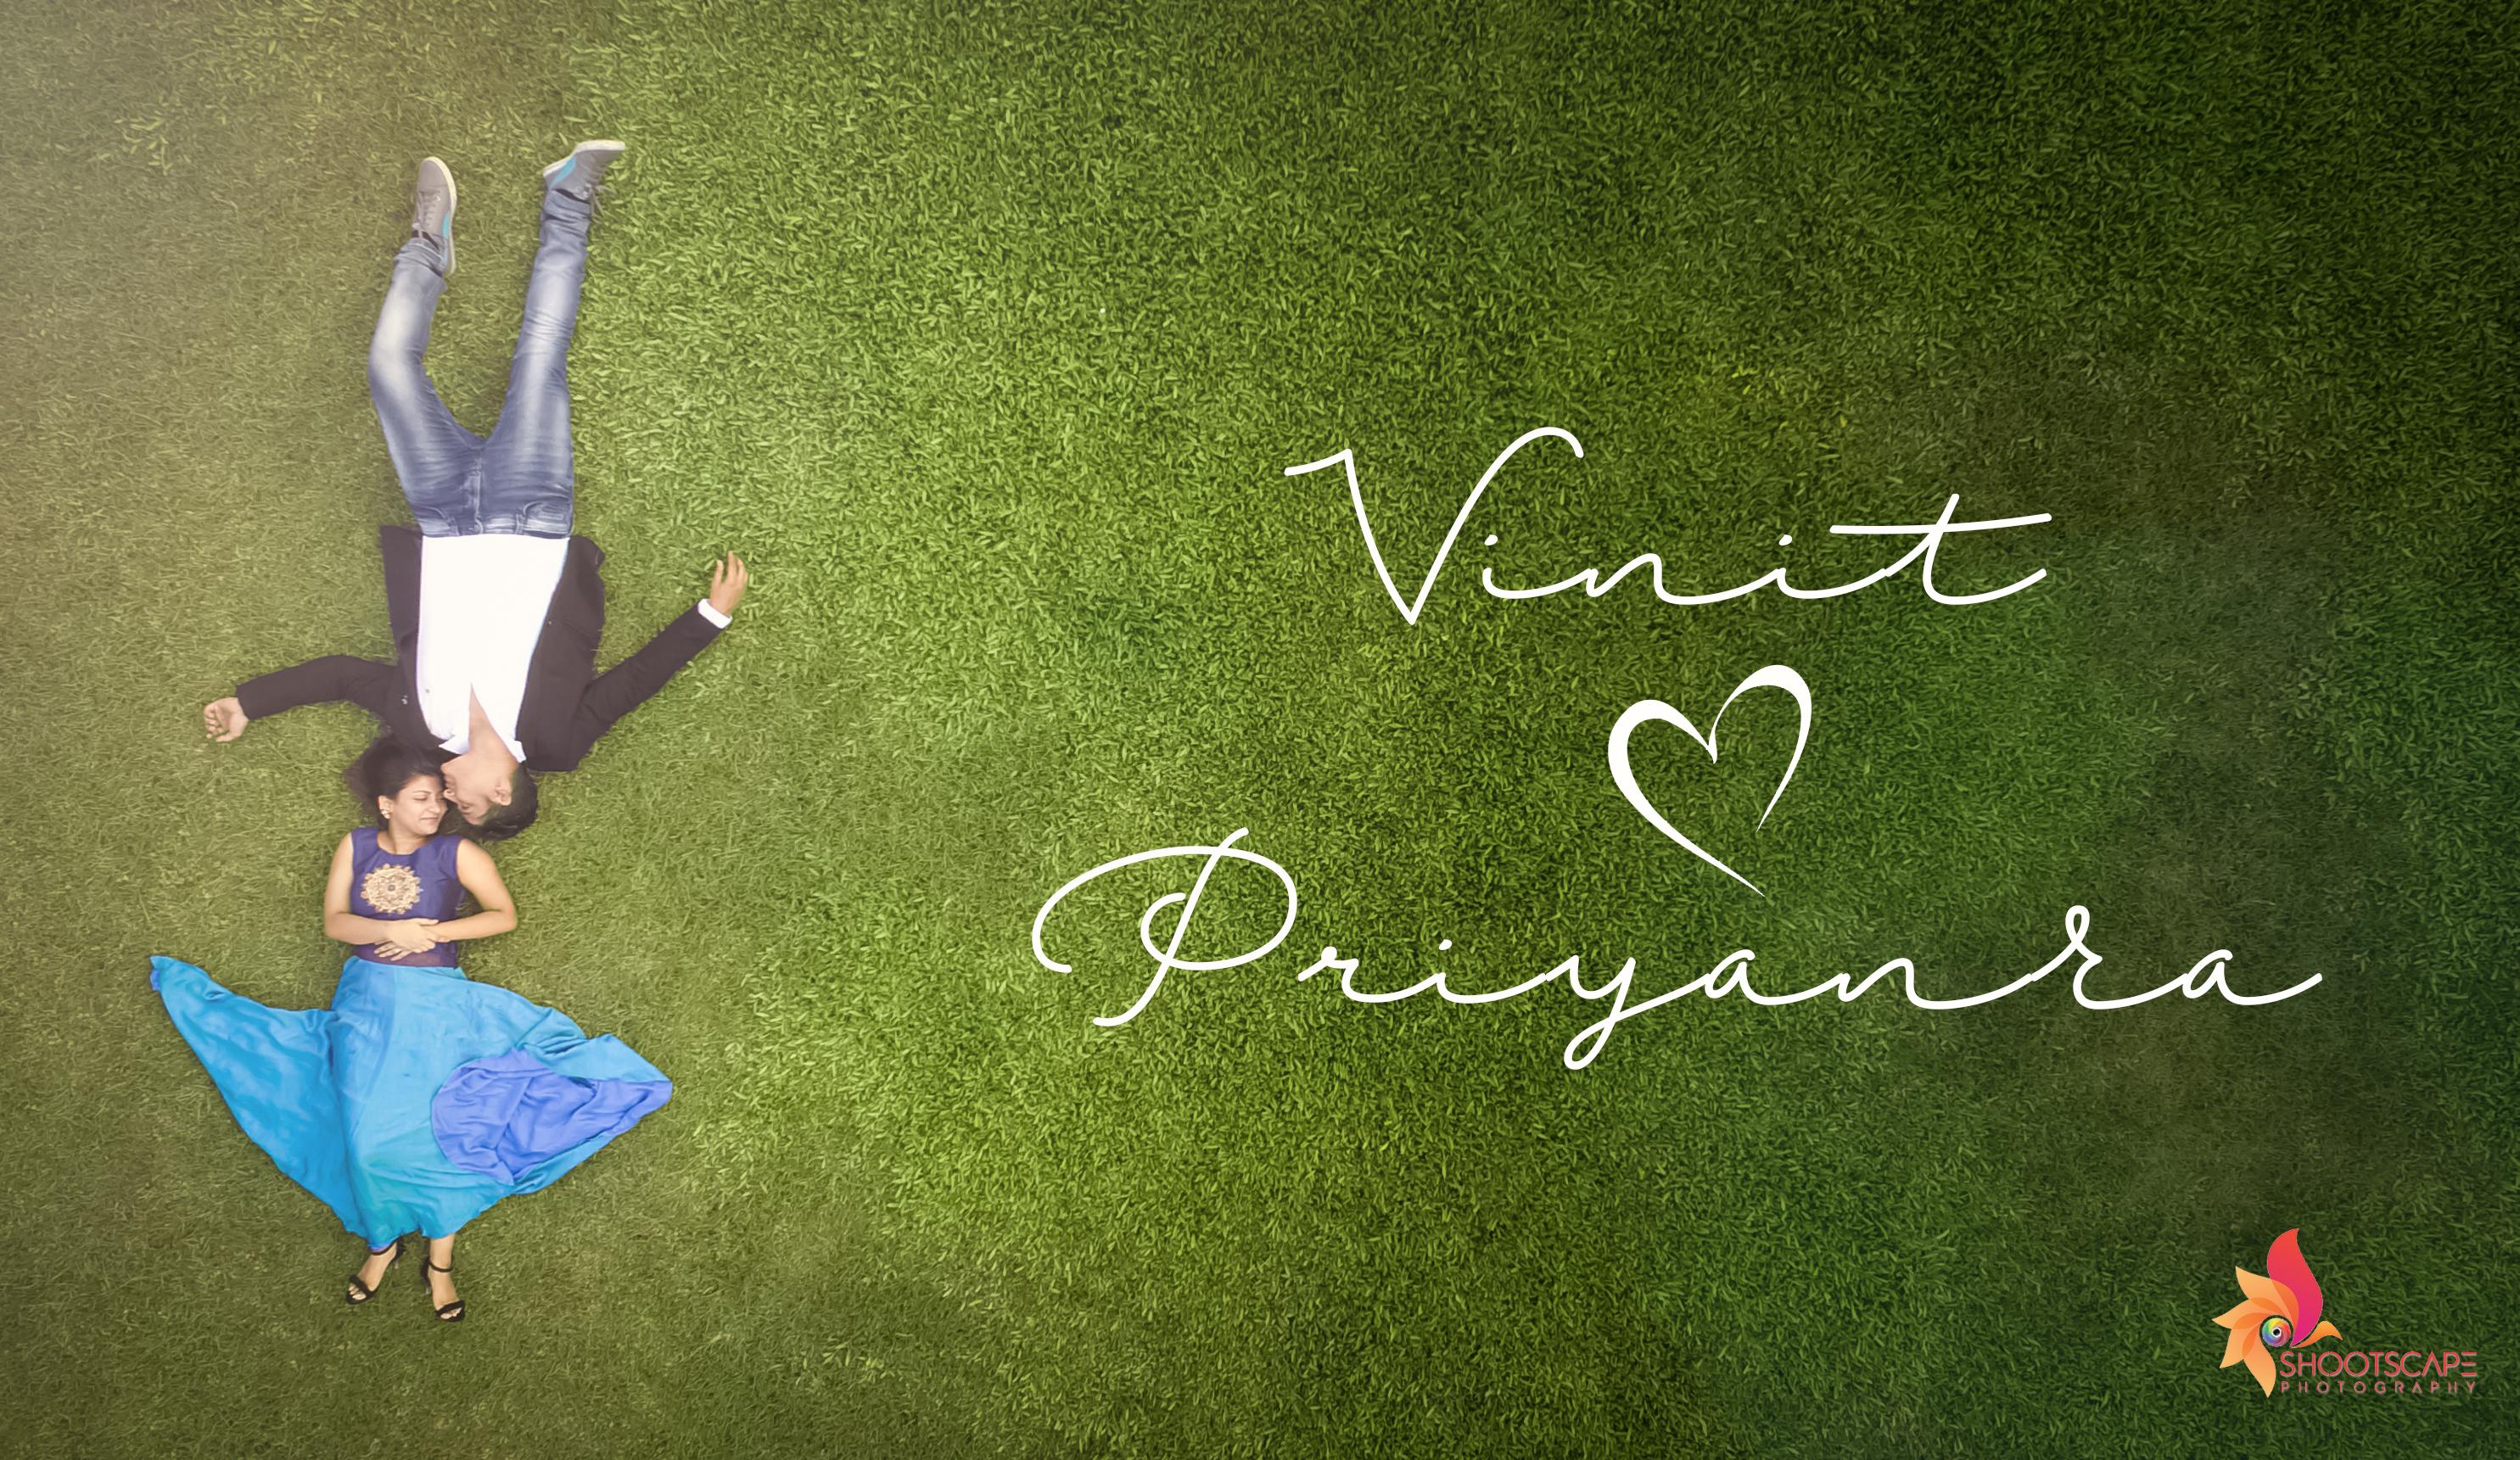 Vinit & Priyanka